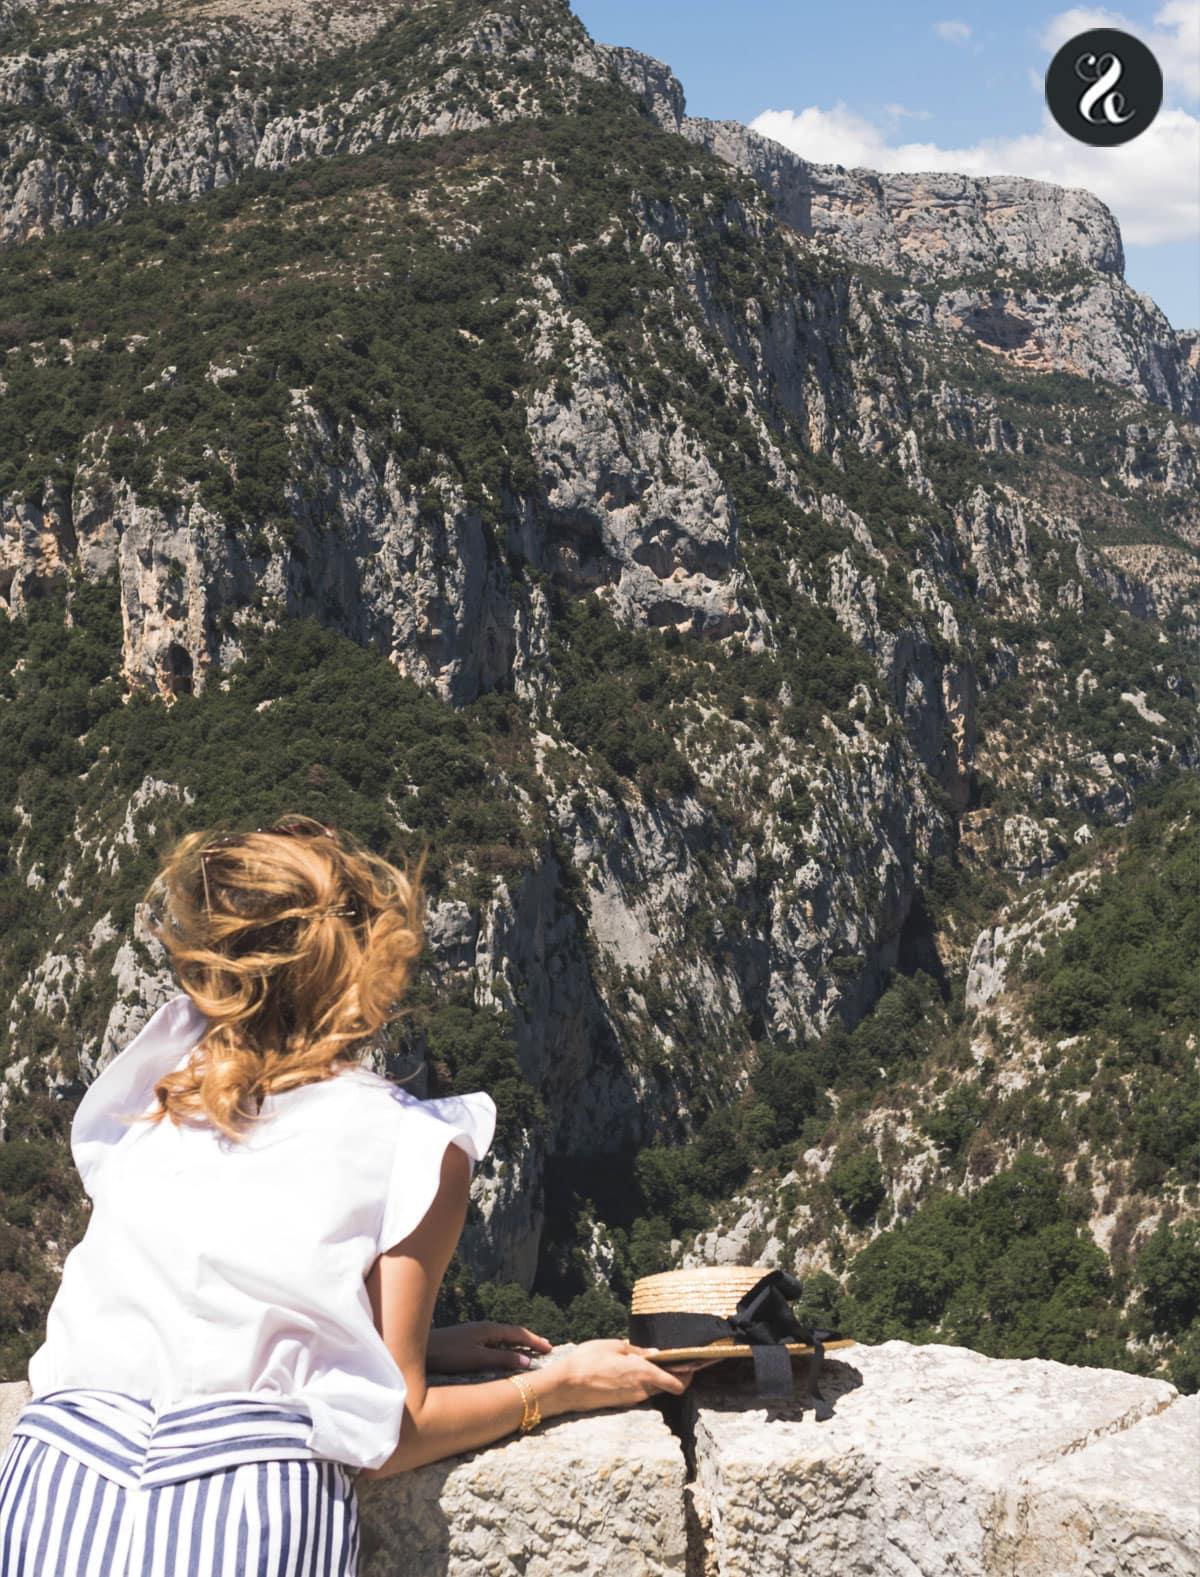 Guía de viaje La Provenza - Costa Azul - Gorges du Verdon